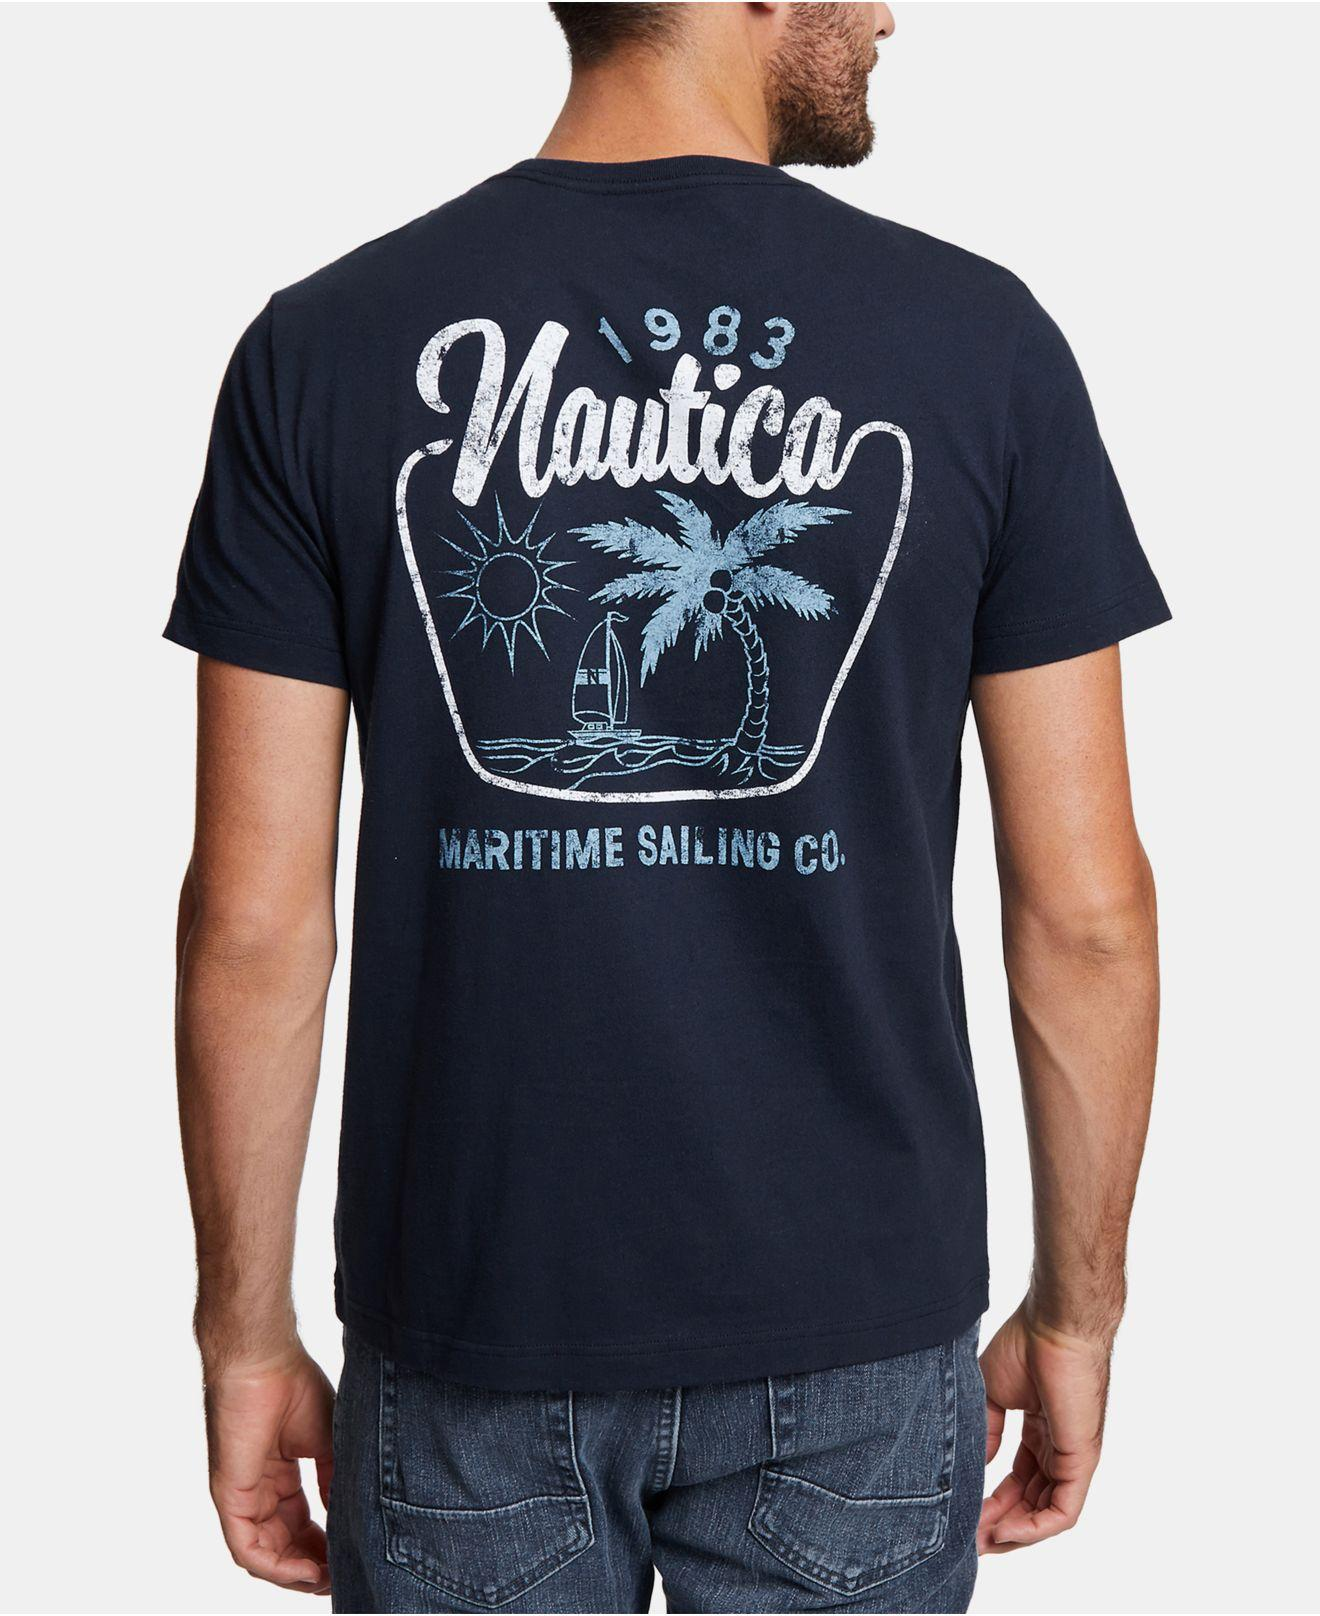 b09f05b50 Graphic T Shirts Big And Tall - DREAMWORKS